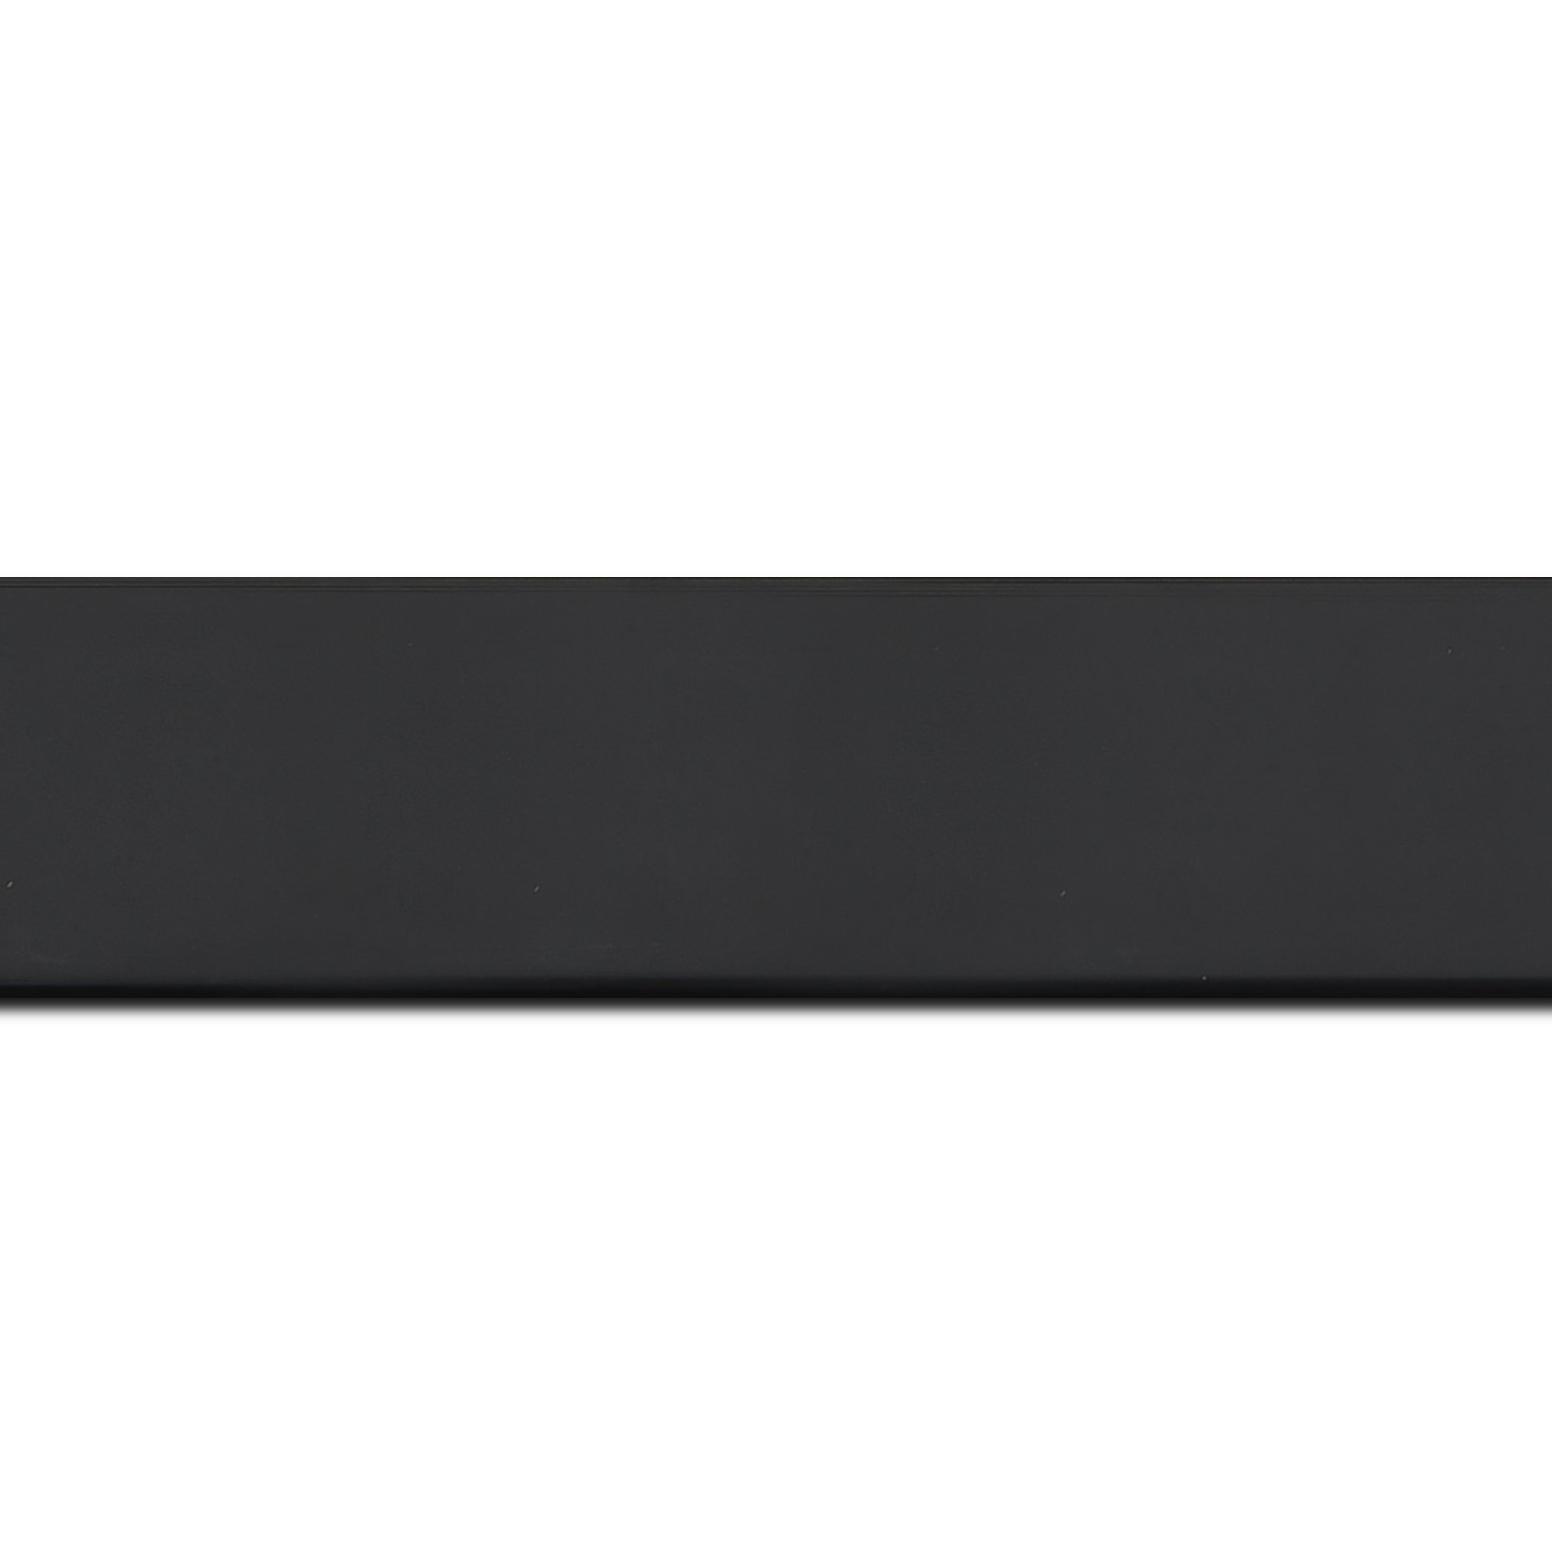 Baguette longueur 1.40m bois profil plat largeur 4.1cm couleur noir mat finition pore bouché